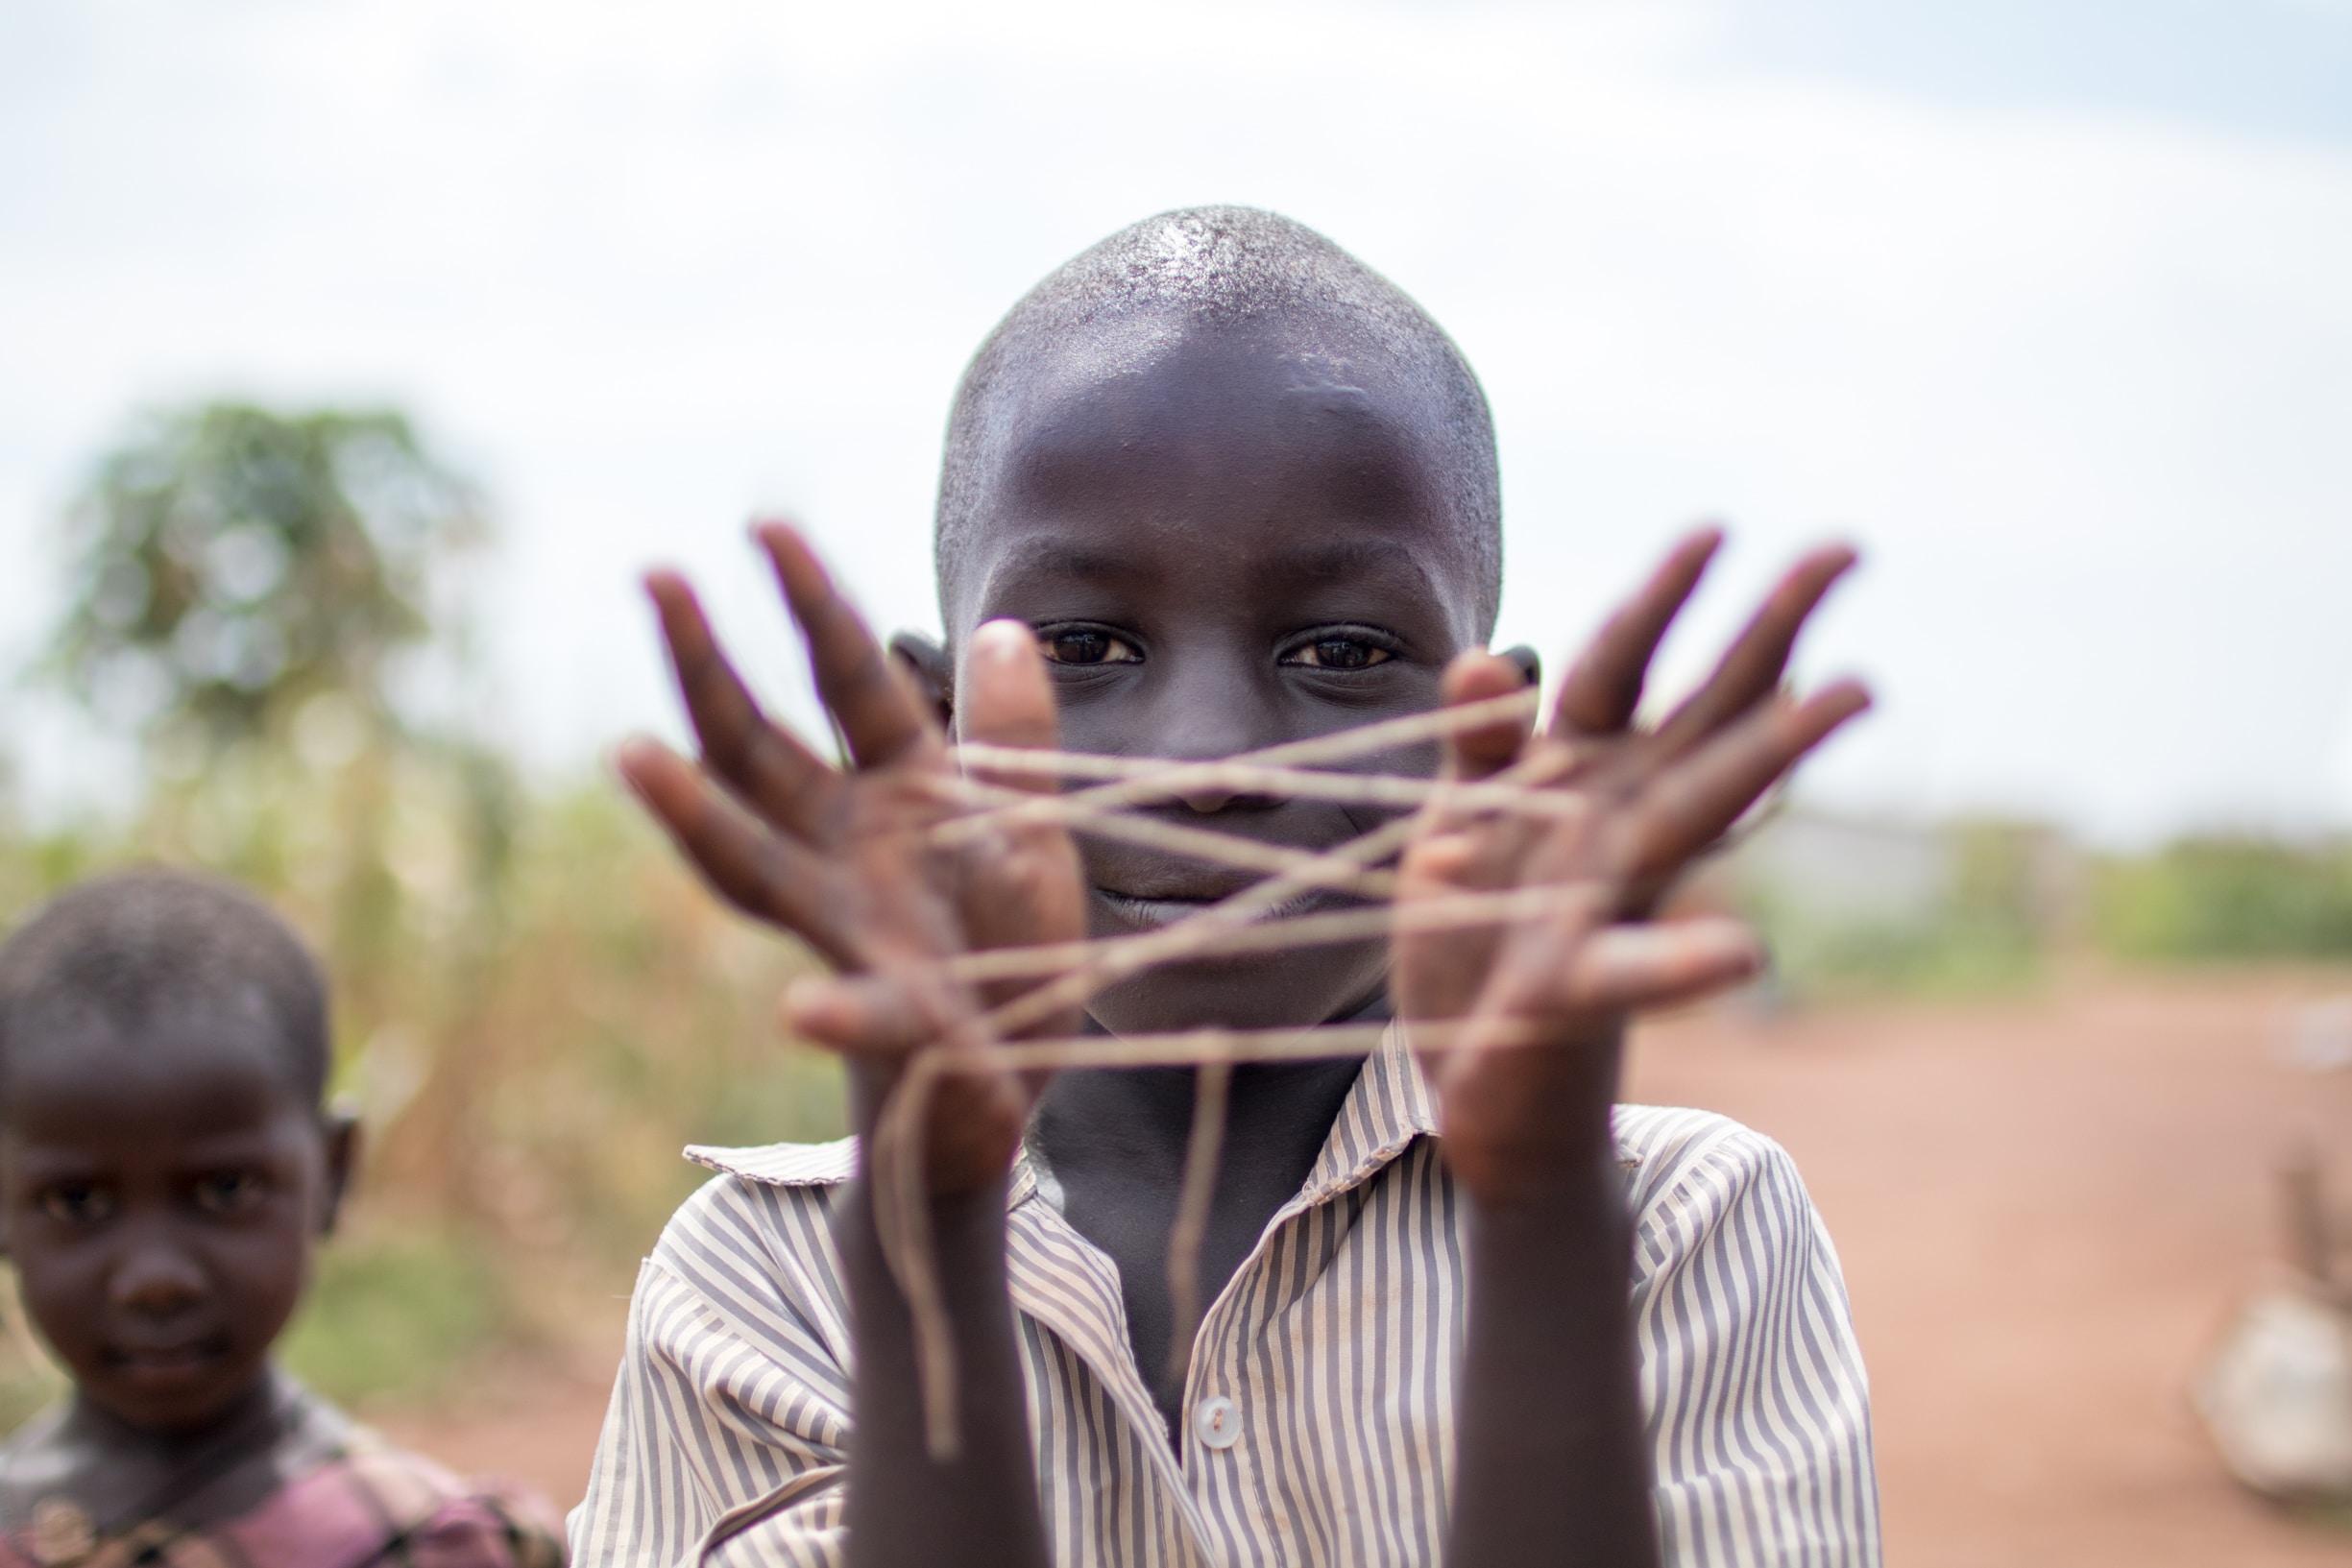 дитина в афріці